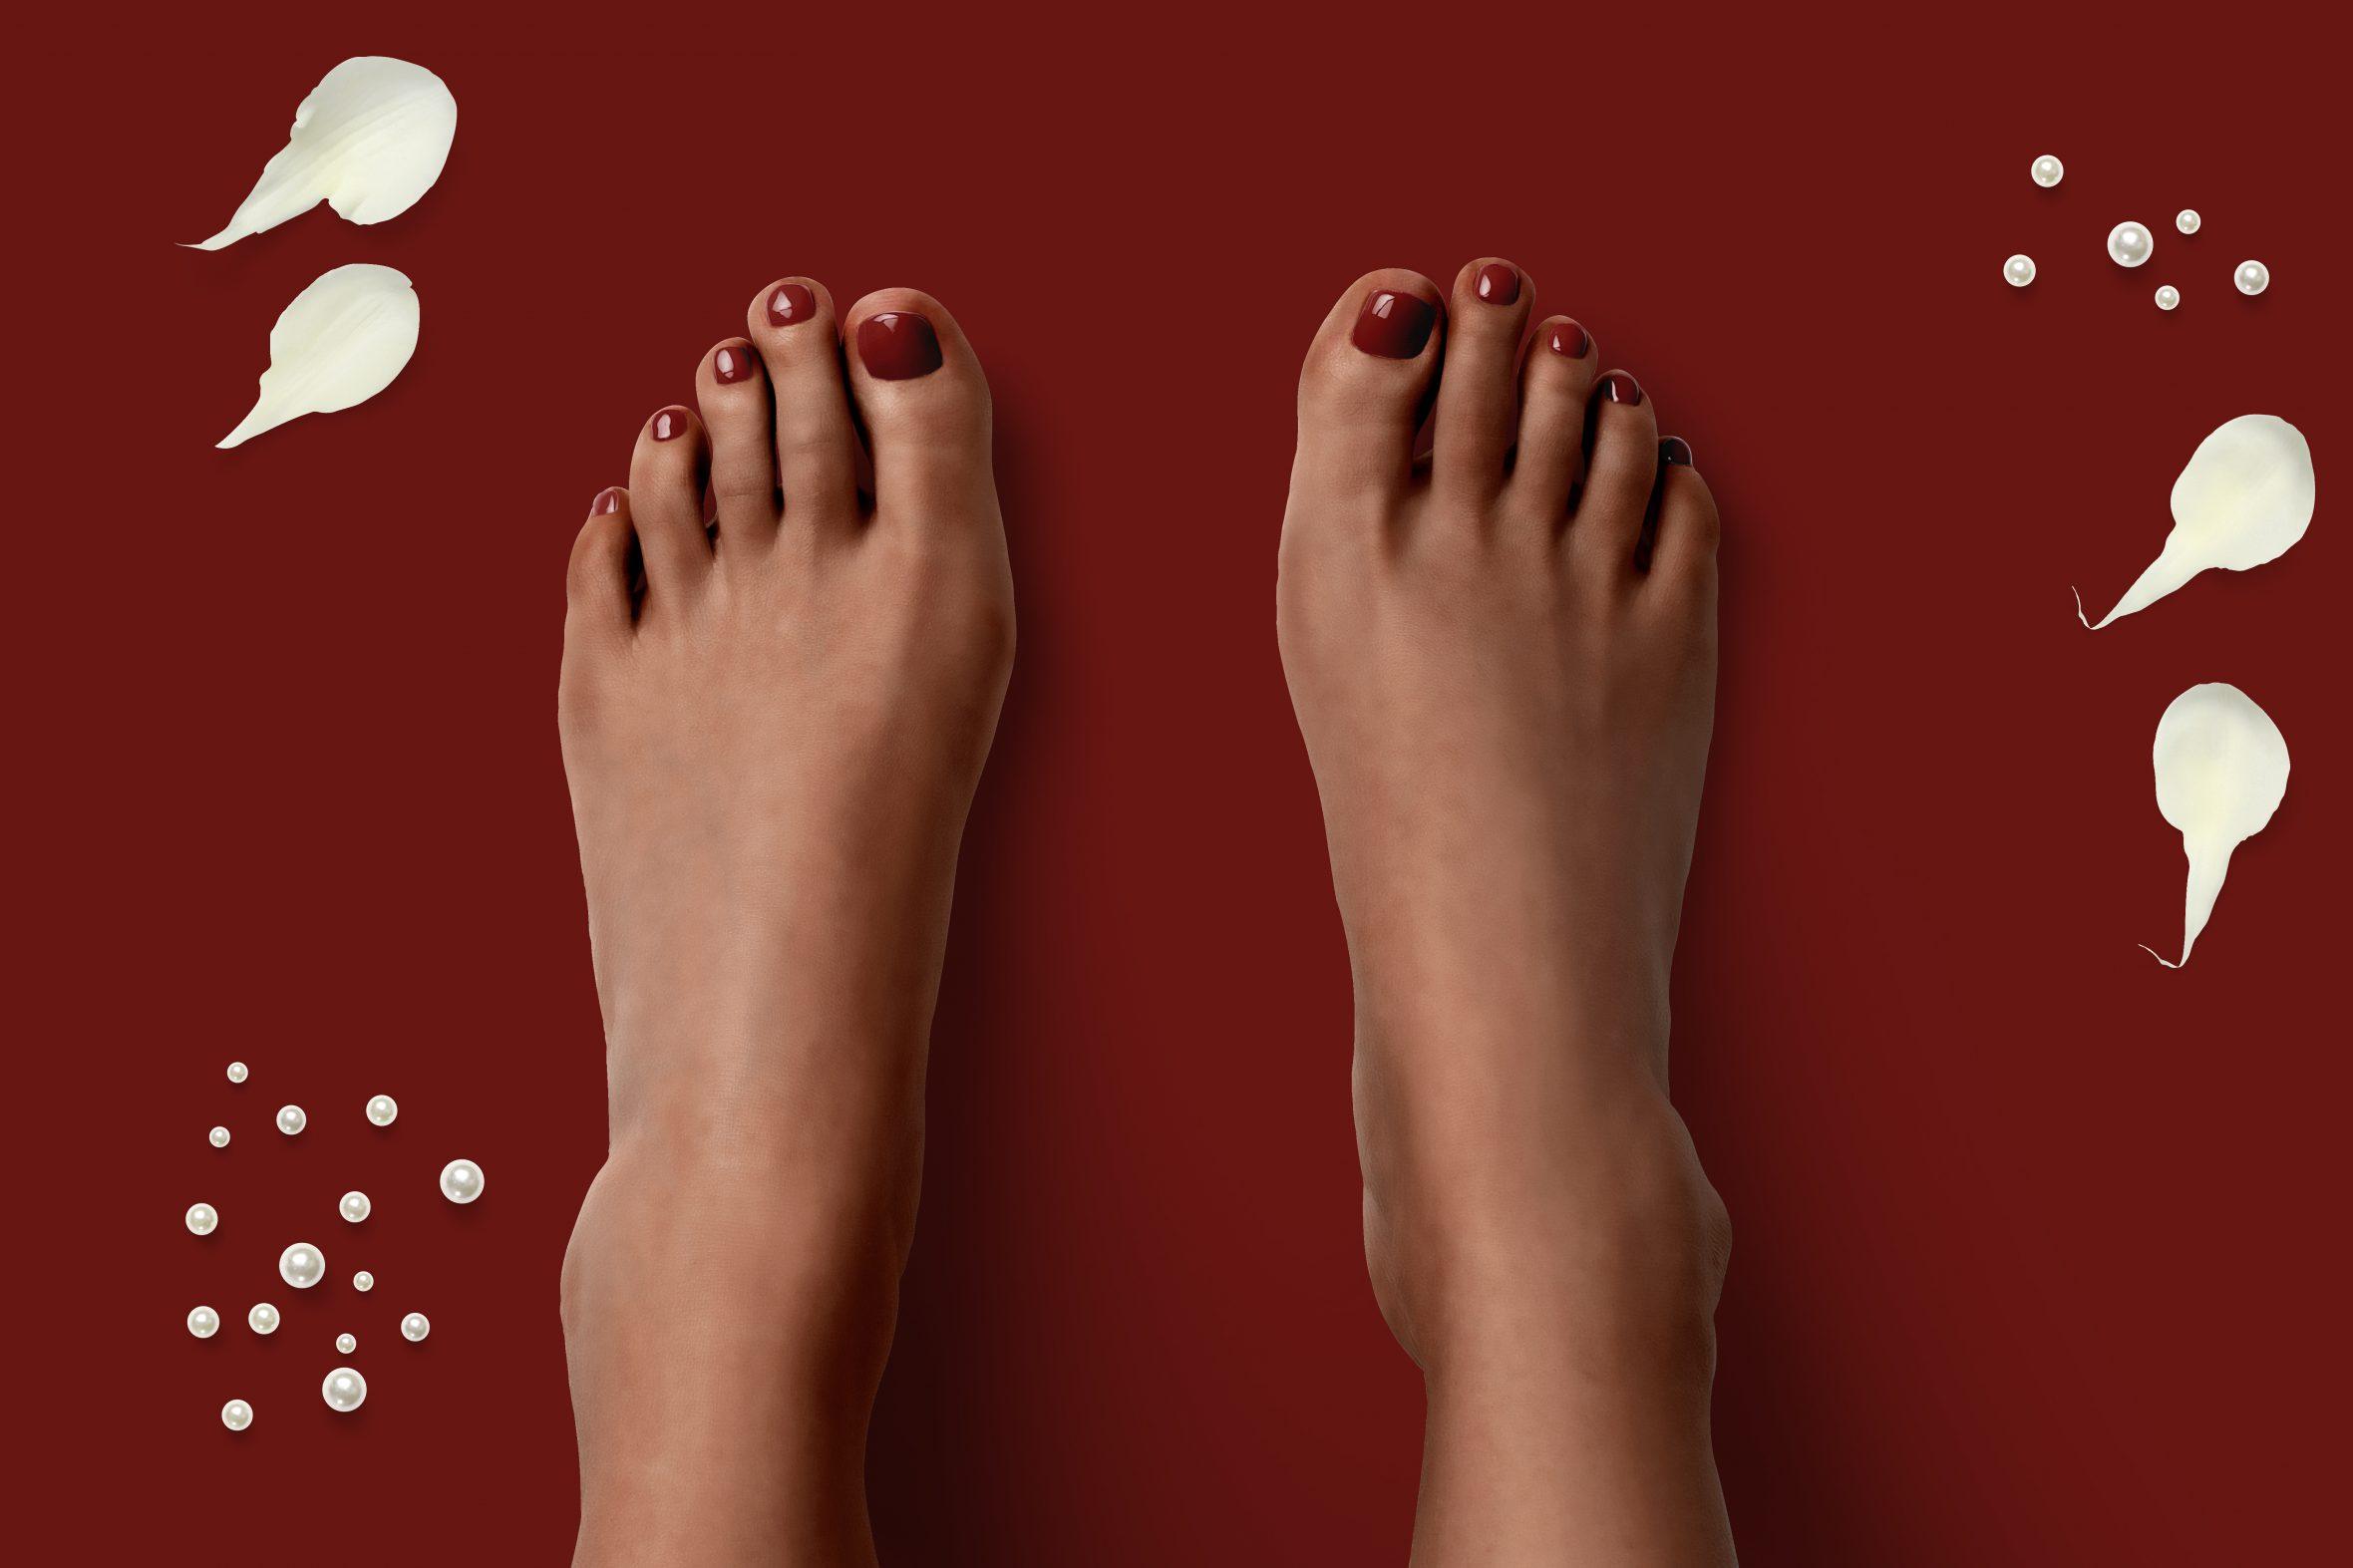 bordeaux rode nagellak op je teennagels voor een verzorgde pedicure